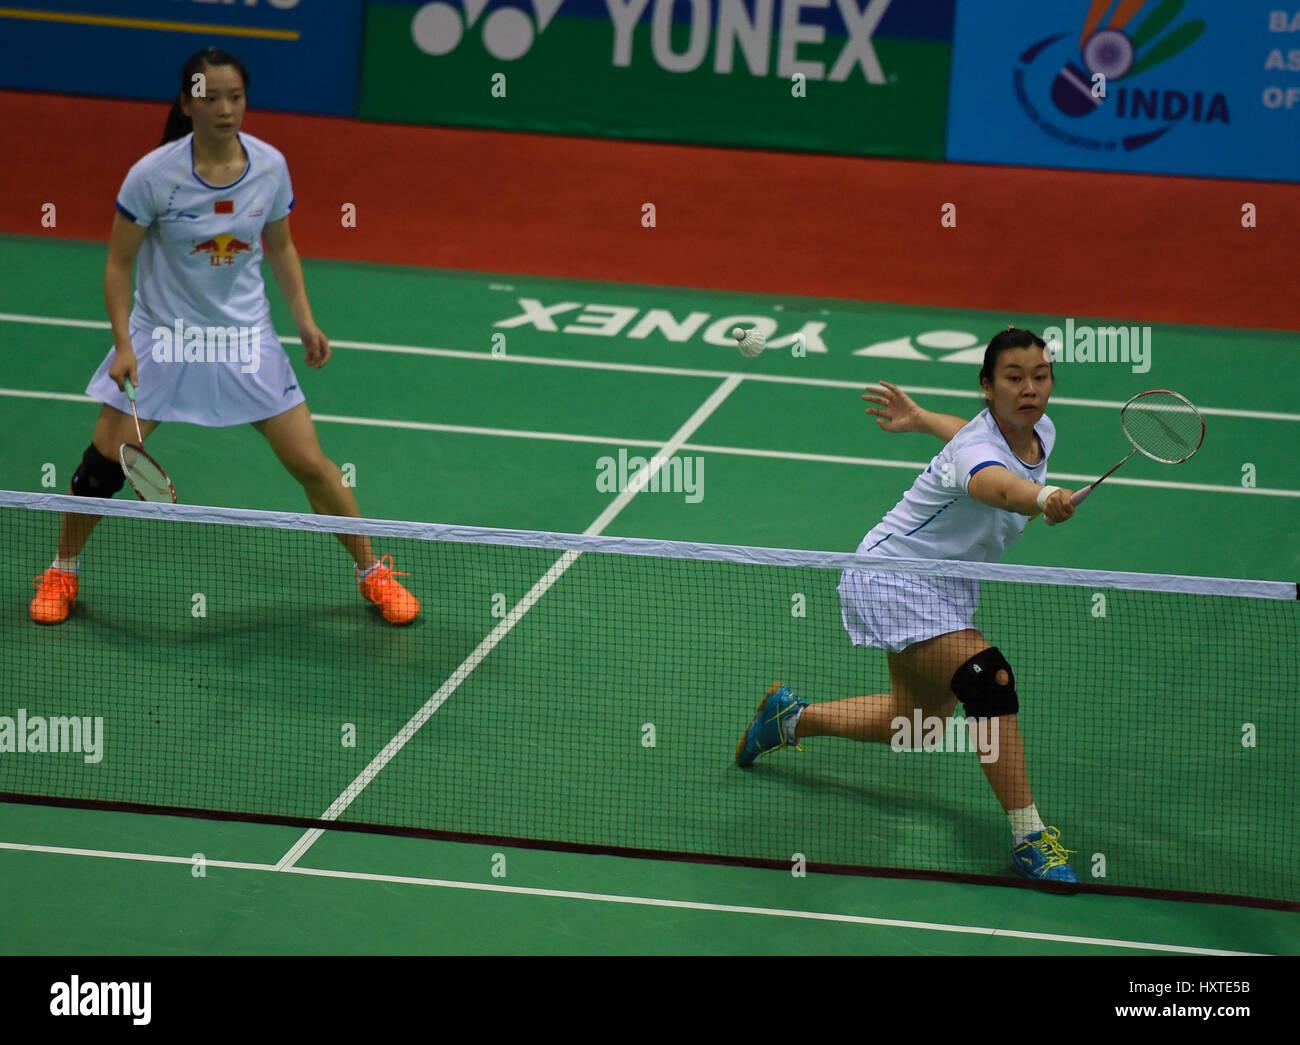 New Delhi India 30th Mar 2017 Huang Yaqiong and Tang Jinhua of